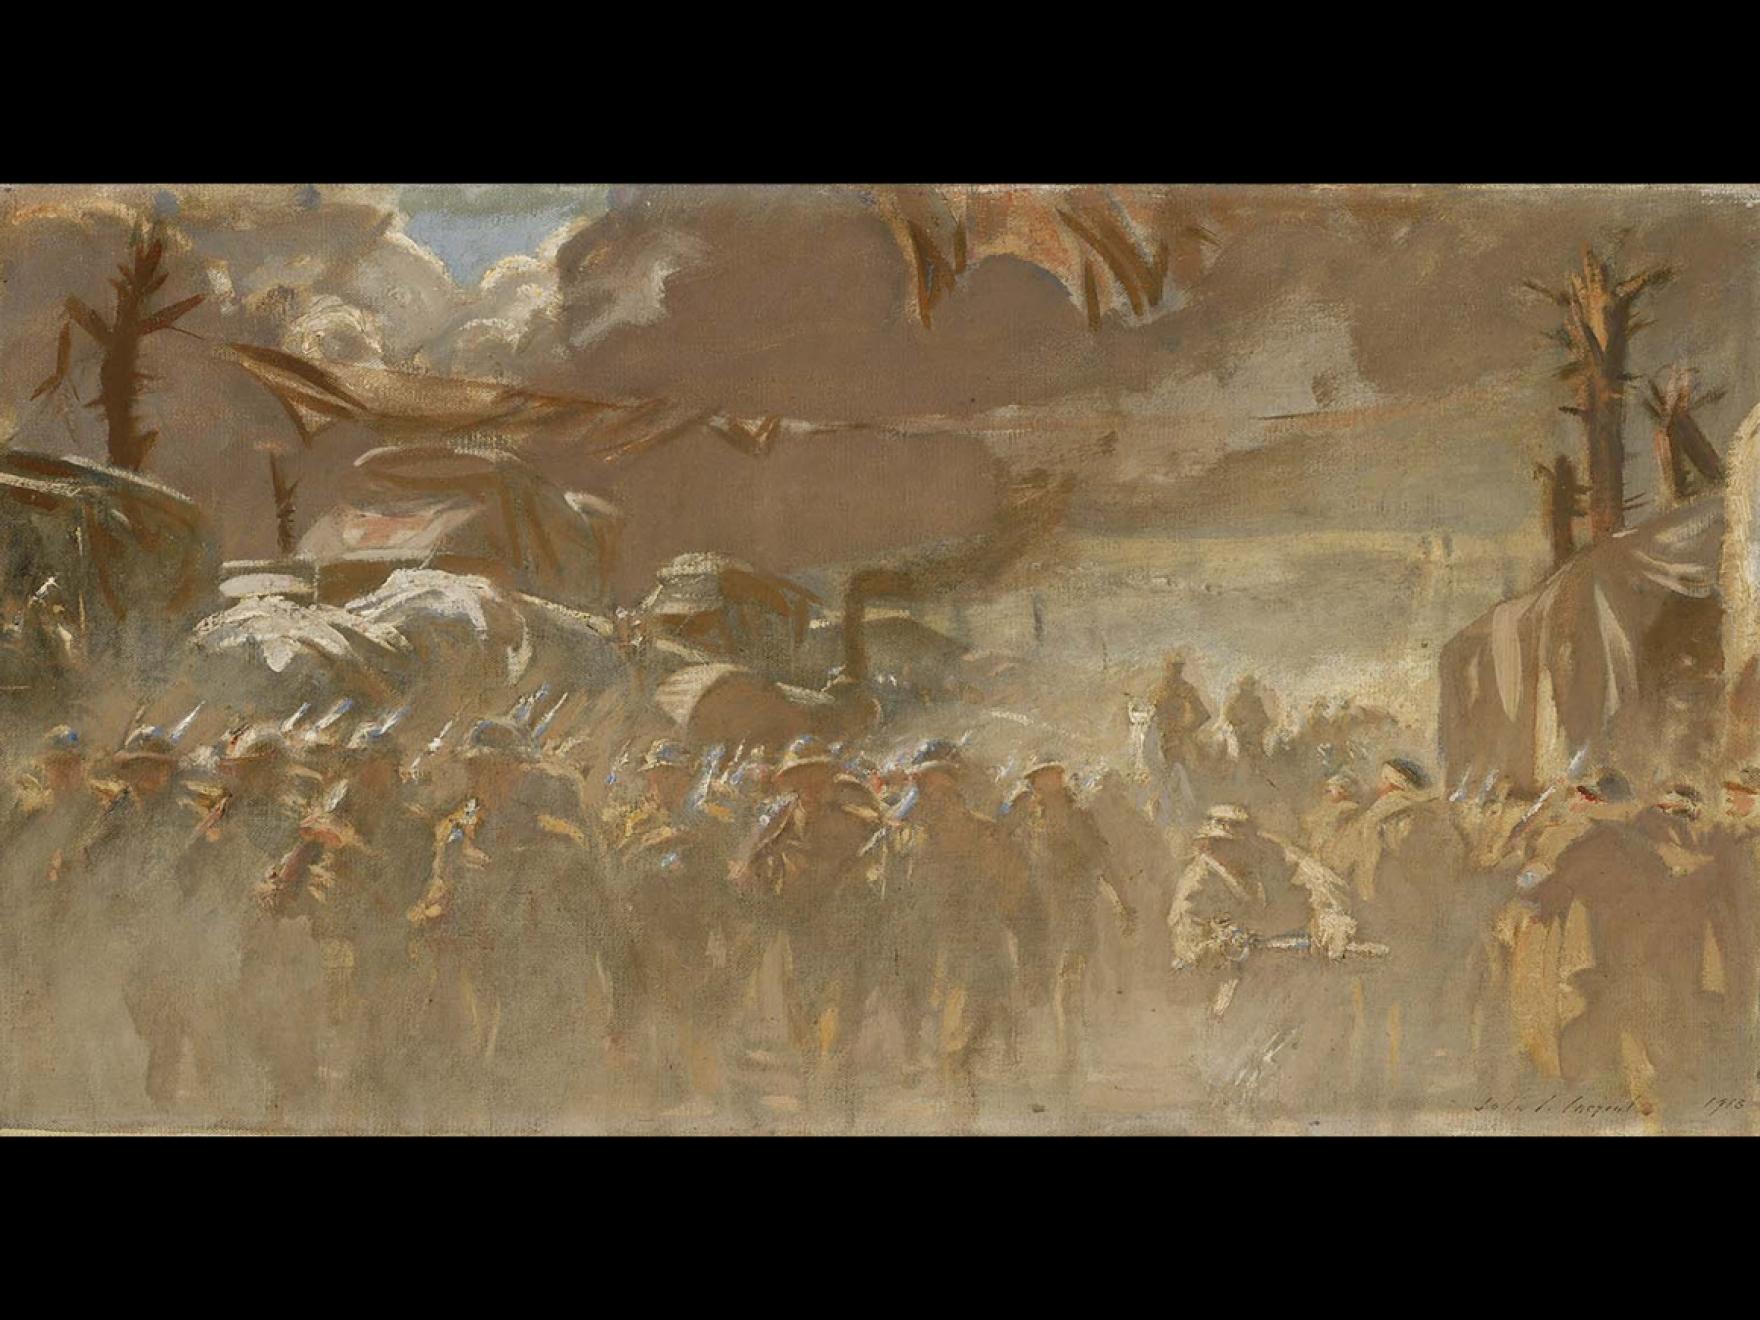 John Singer Sargent, The Road, 1918